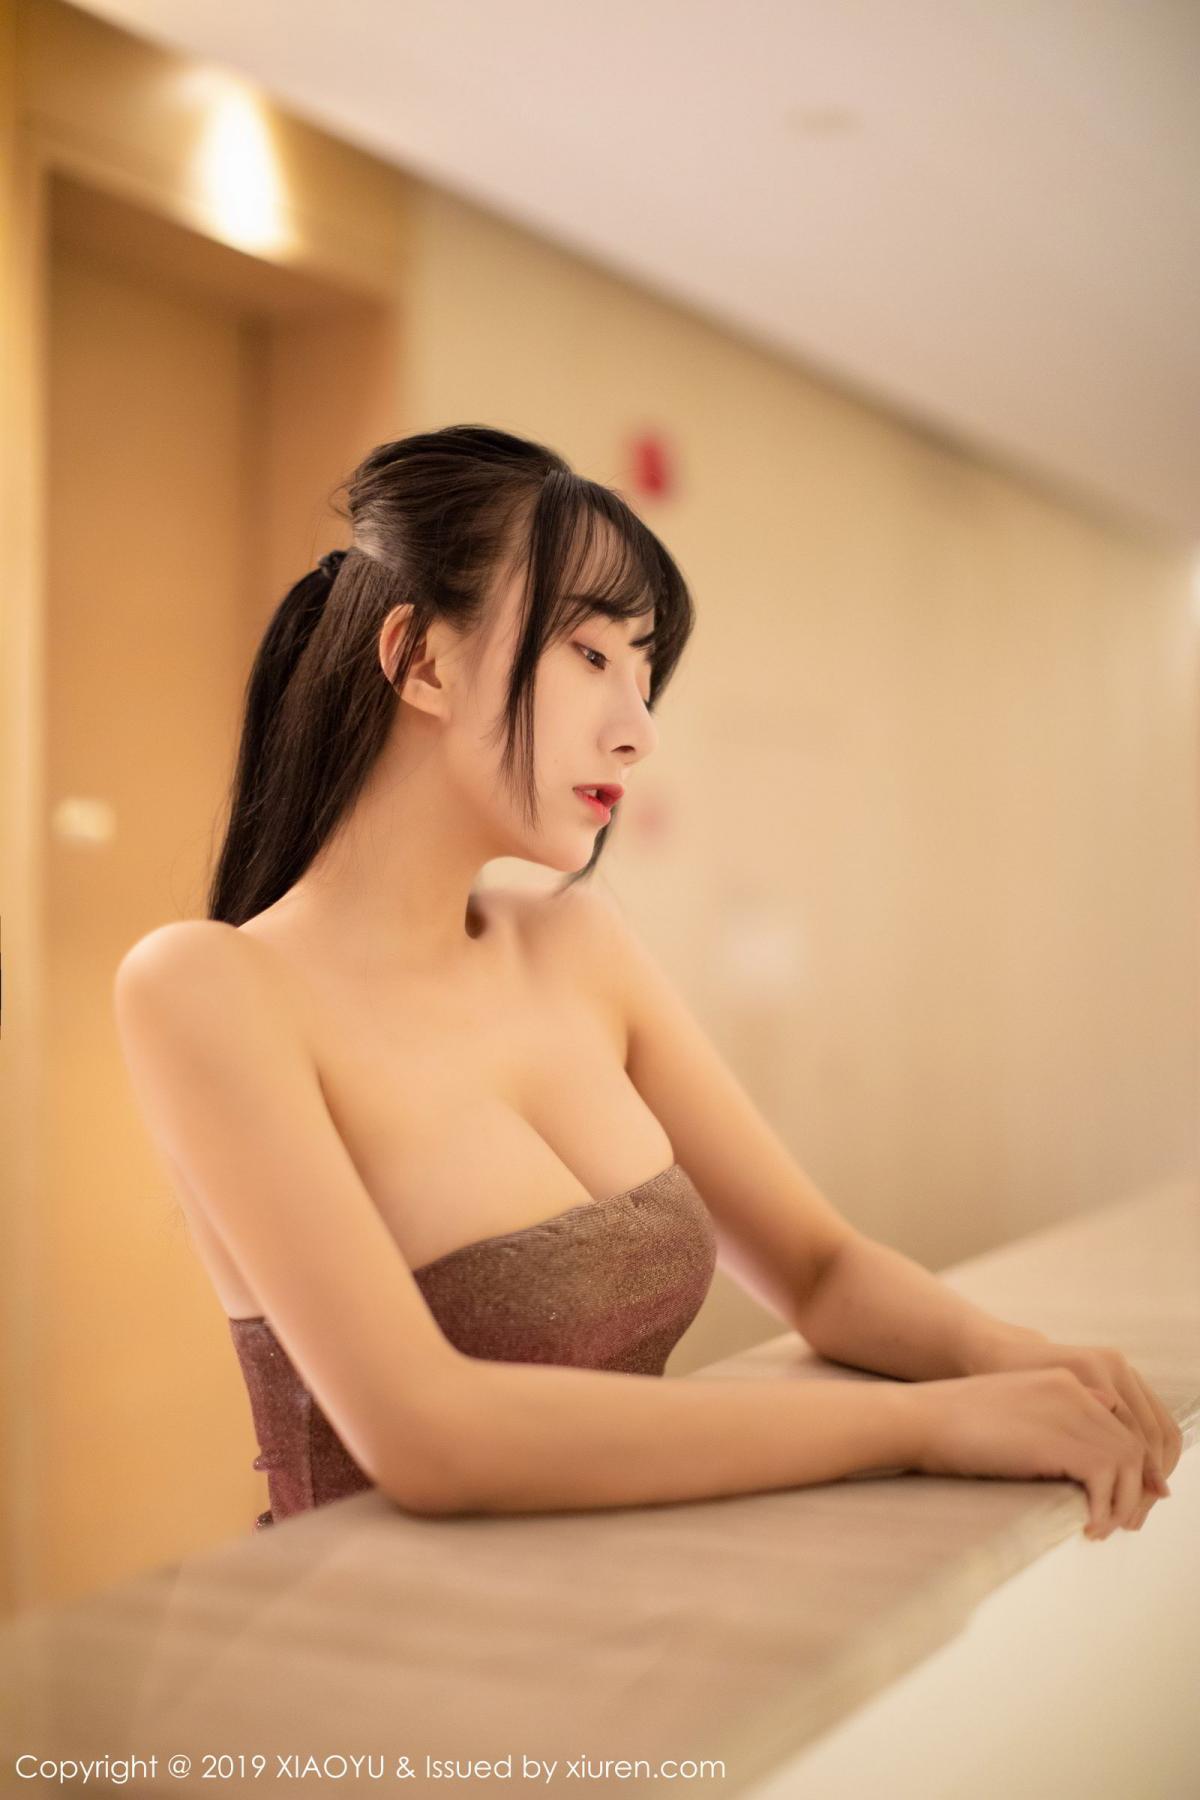 [XiaoYu] Vol.159 He Jia Ying 7P, He Jia Ying, Tall, XiaoYu